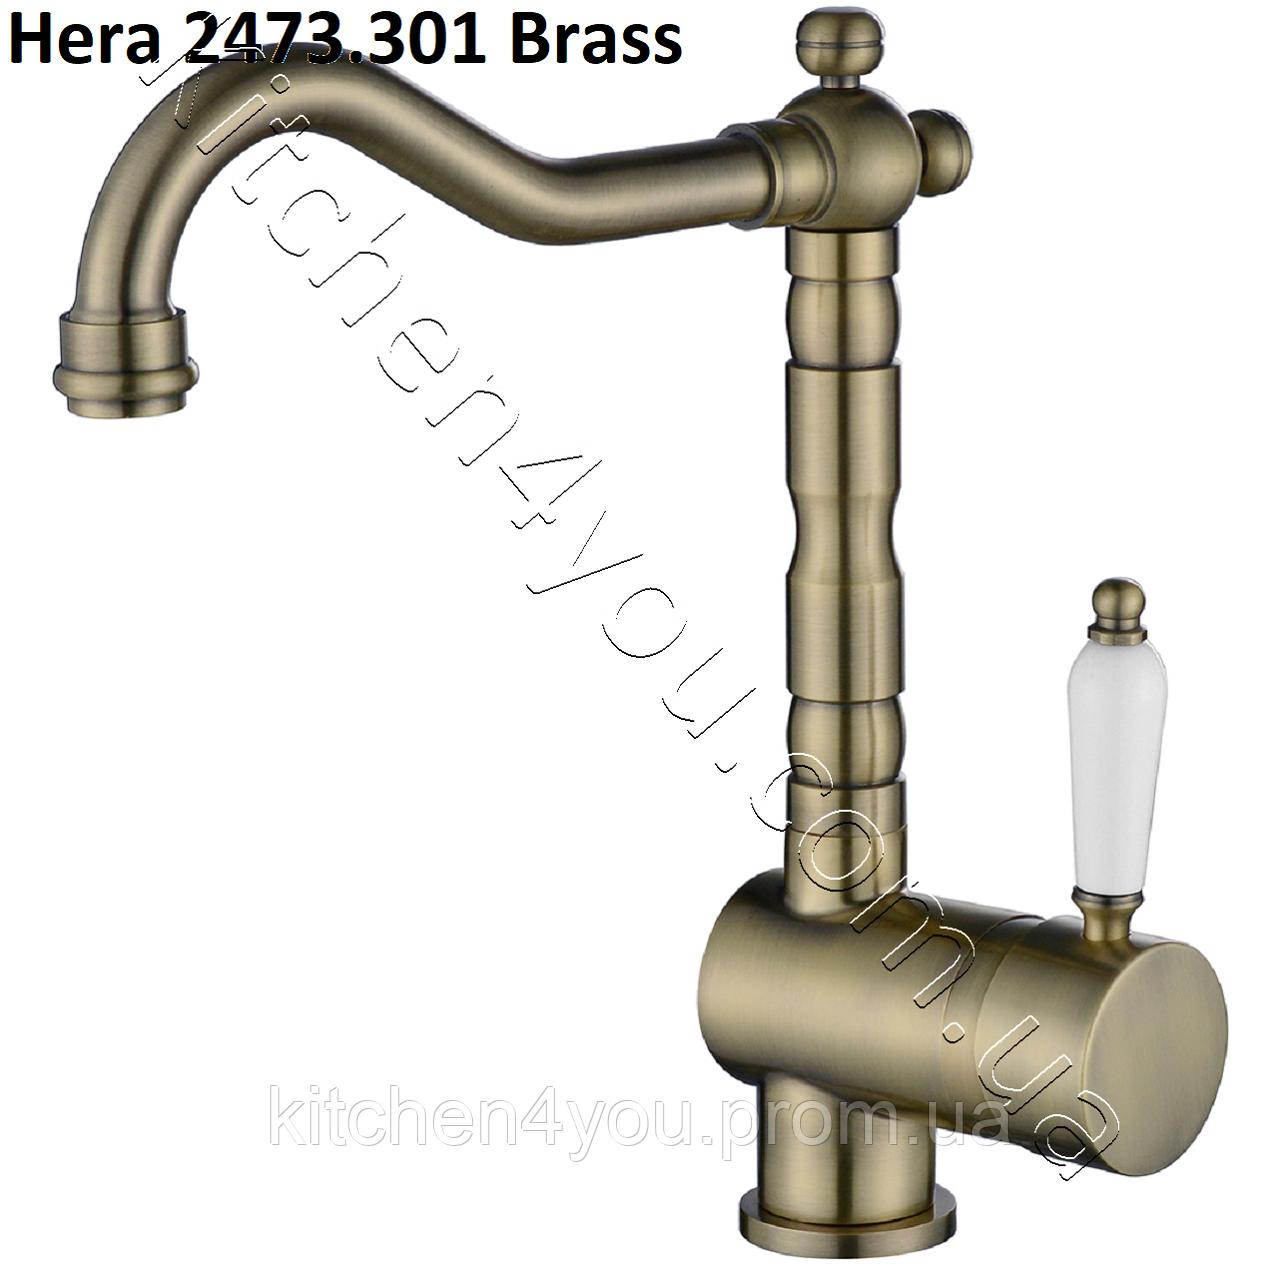 Кухонный смеситель AquaSanita Hera 2473.301 Brass